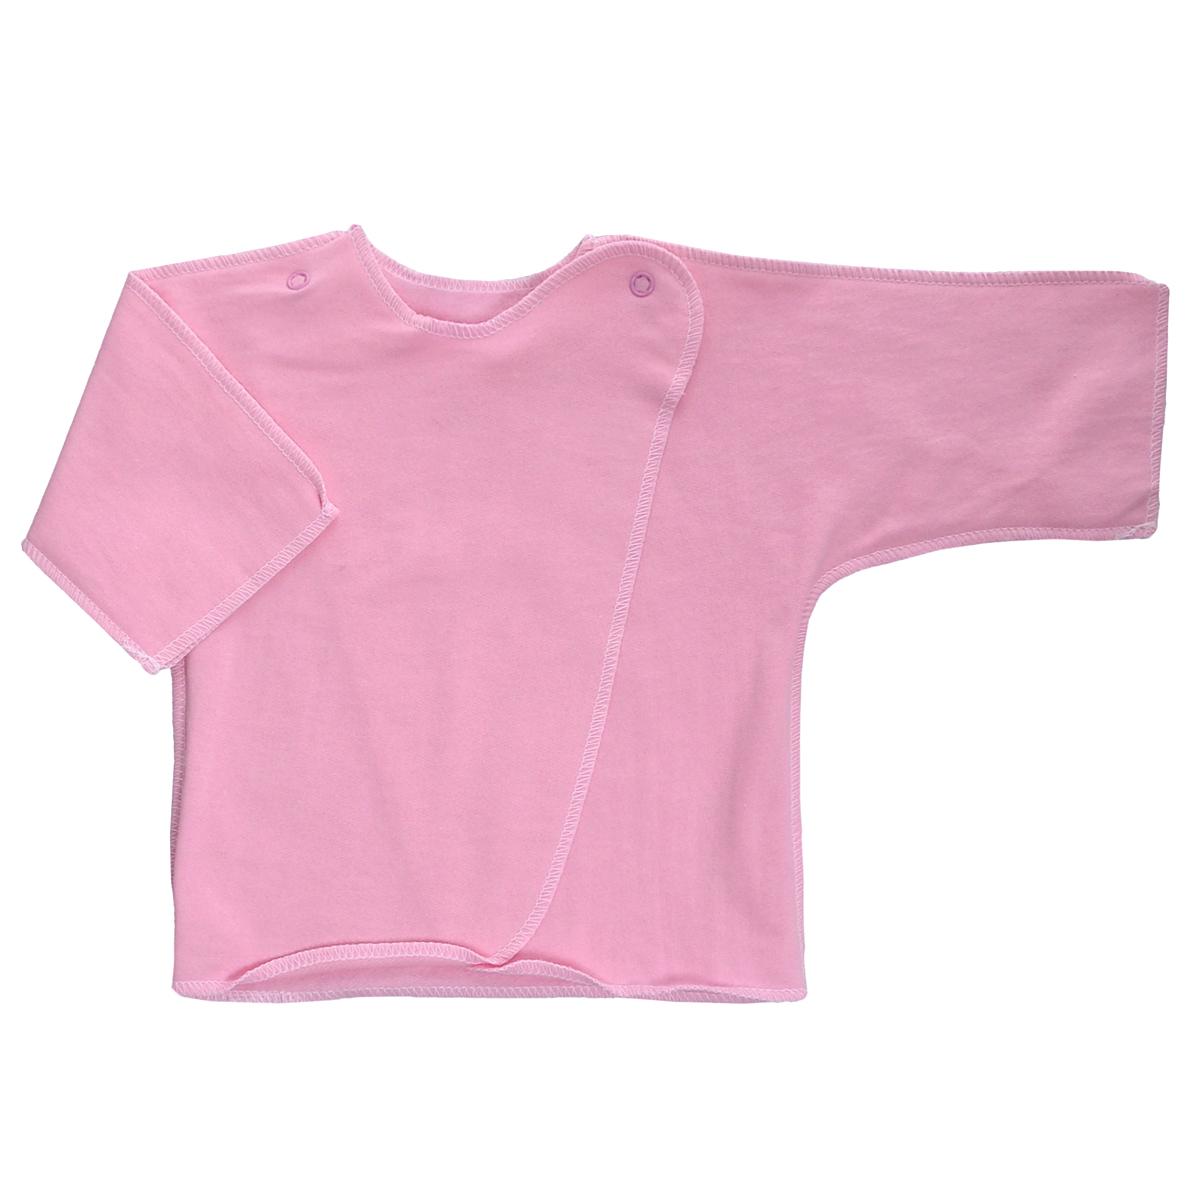 Распашонка Трон-Плюс, цвет: розовый. 5022. Размер 56, 1 месяц5022Распашонка Трон-плюс послужит идеальным дополнением к гардеробу младенца. Распашонка с рукавами-кимоно, выполненная швами наружу, изготовлена из футера - натурального хлопка, благодаря чему она необычайно мягкая и легкая, не раздражает нежную кожу ребенка и хорошо вентилируется, а эластичные швы приятны телу малыша и не препятствуют его движениям. Распашонка с запахом, застегивается при помощи двух кнопок на плечах, которые позволяют без труда переодеть ребенка. Распашонка полностью соответствует особенностям жизни ребенка в ранний период, не стесняя и не ограничивая его в движениях.